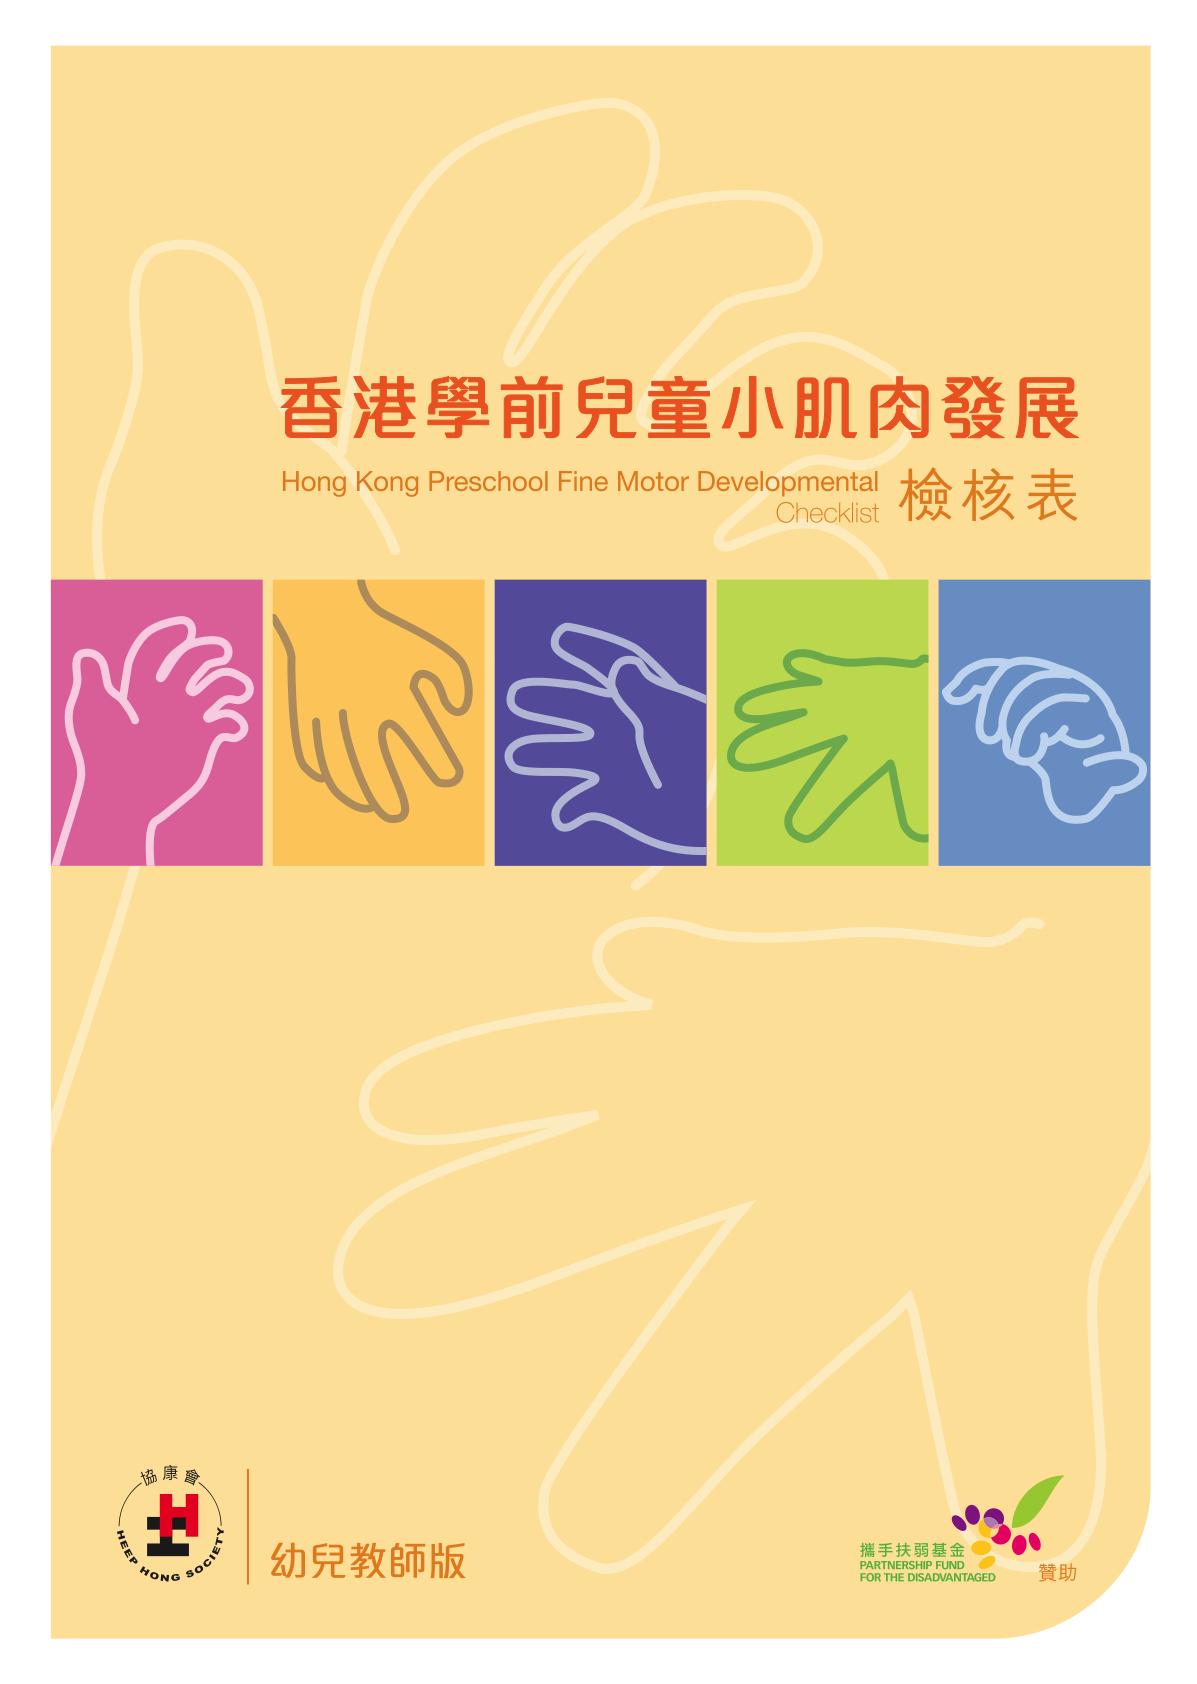 《香港學前兒童小肌肉發展檢核表 ─ 幼兒教師版》